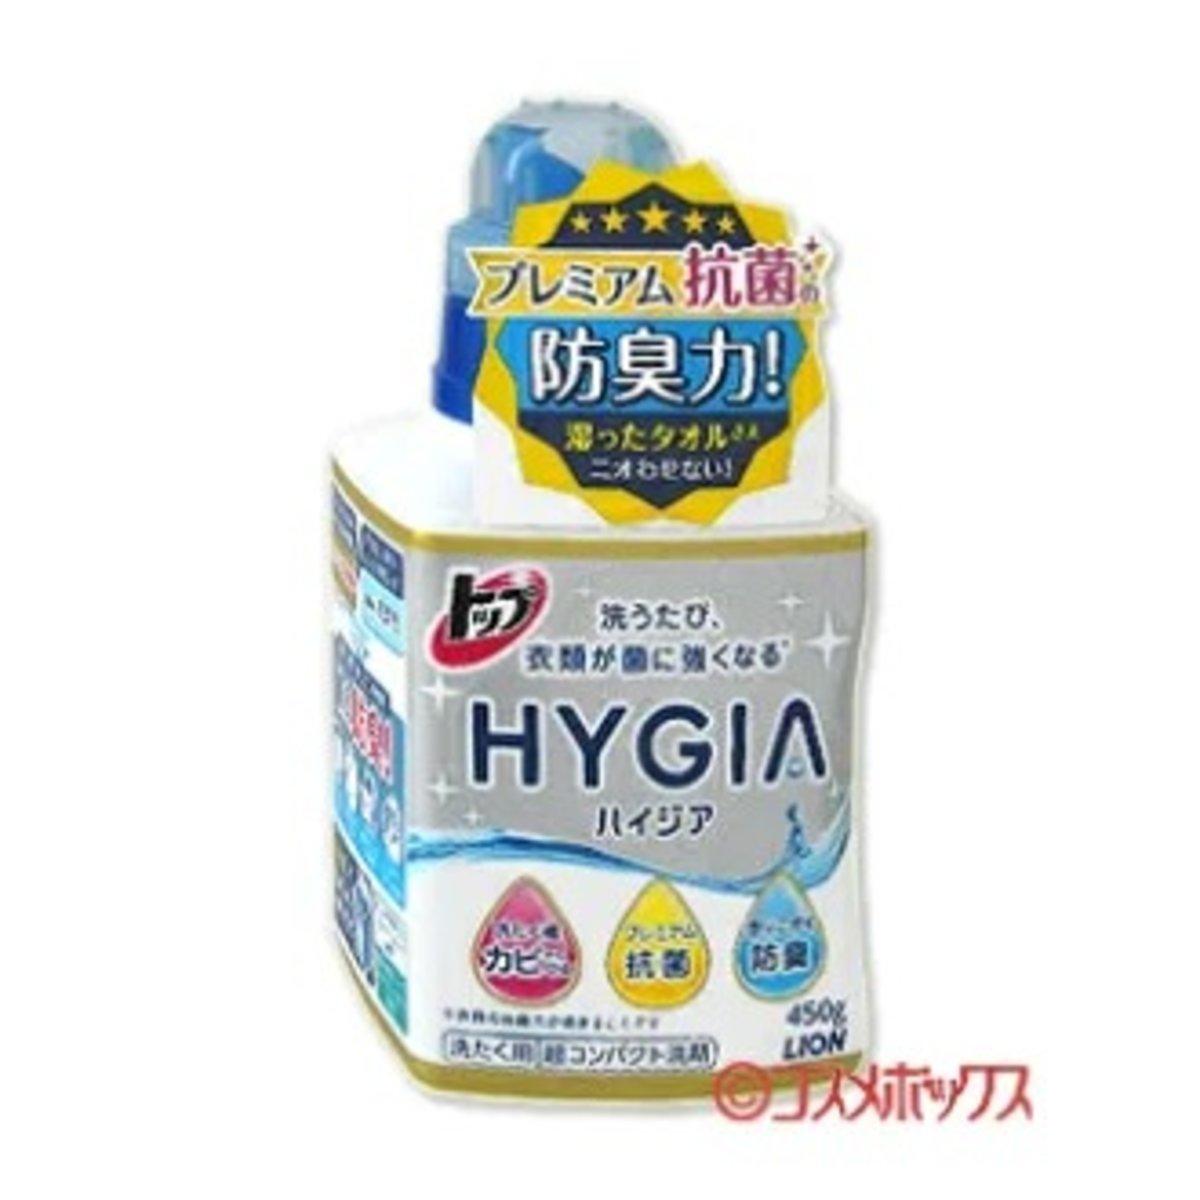 高抗菌消臭洗衣液 450g  [平行進口]   [平行進口產品]